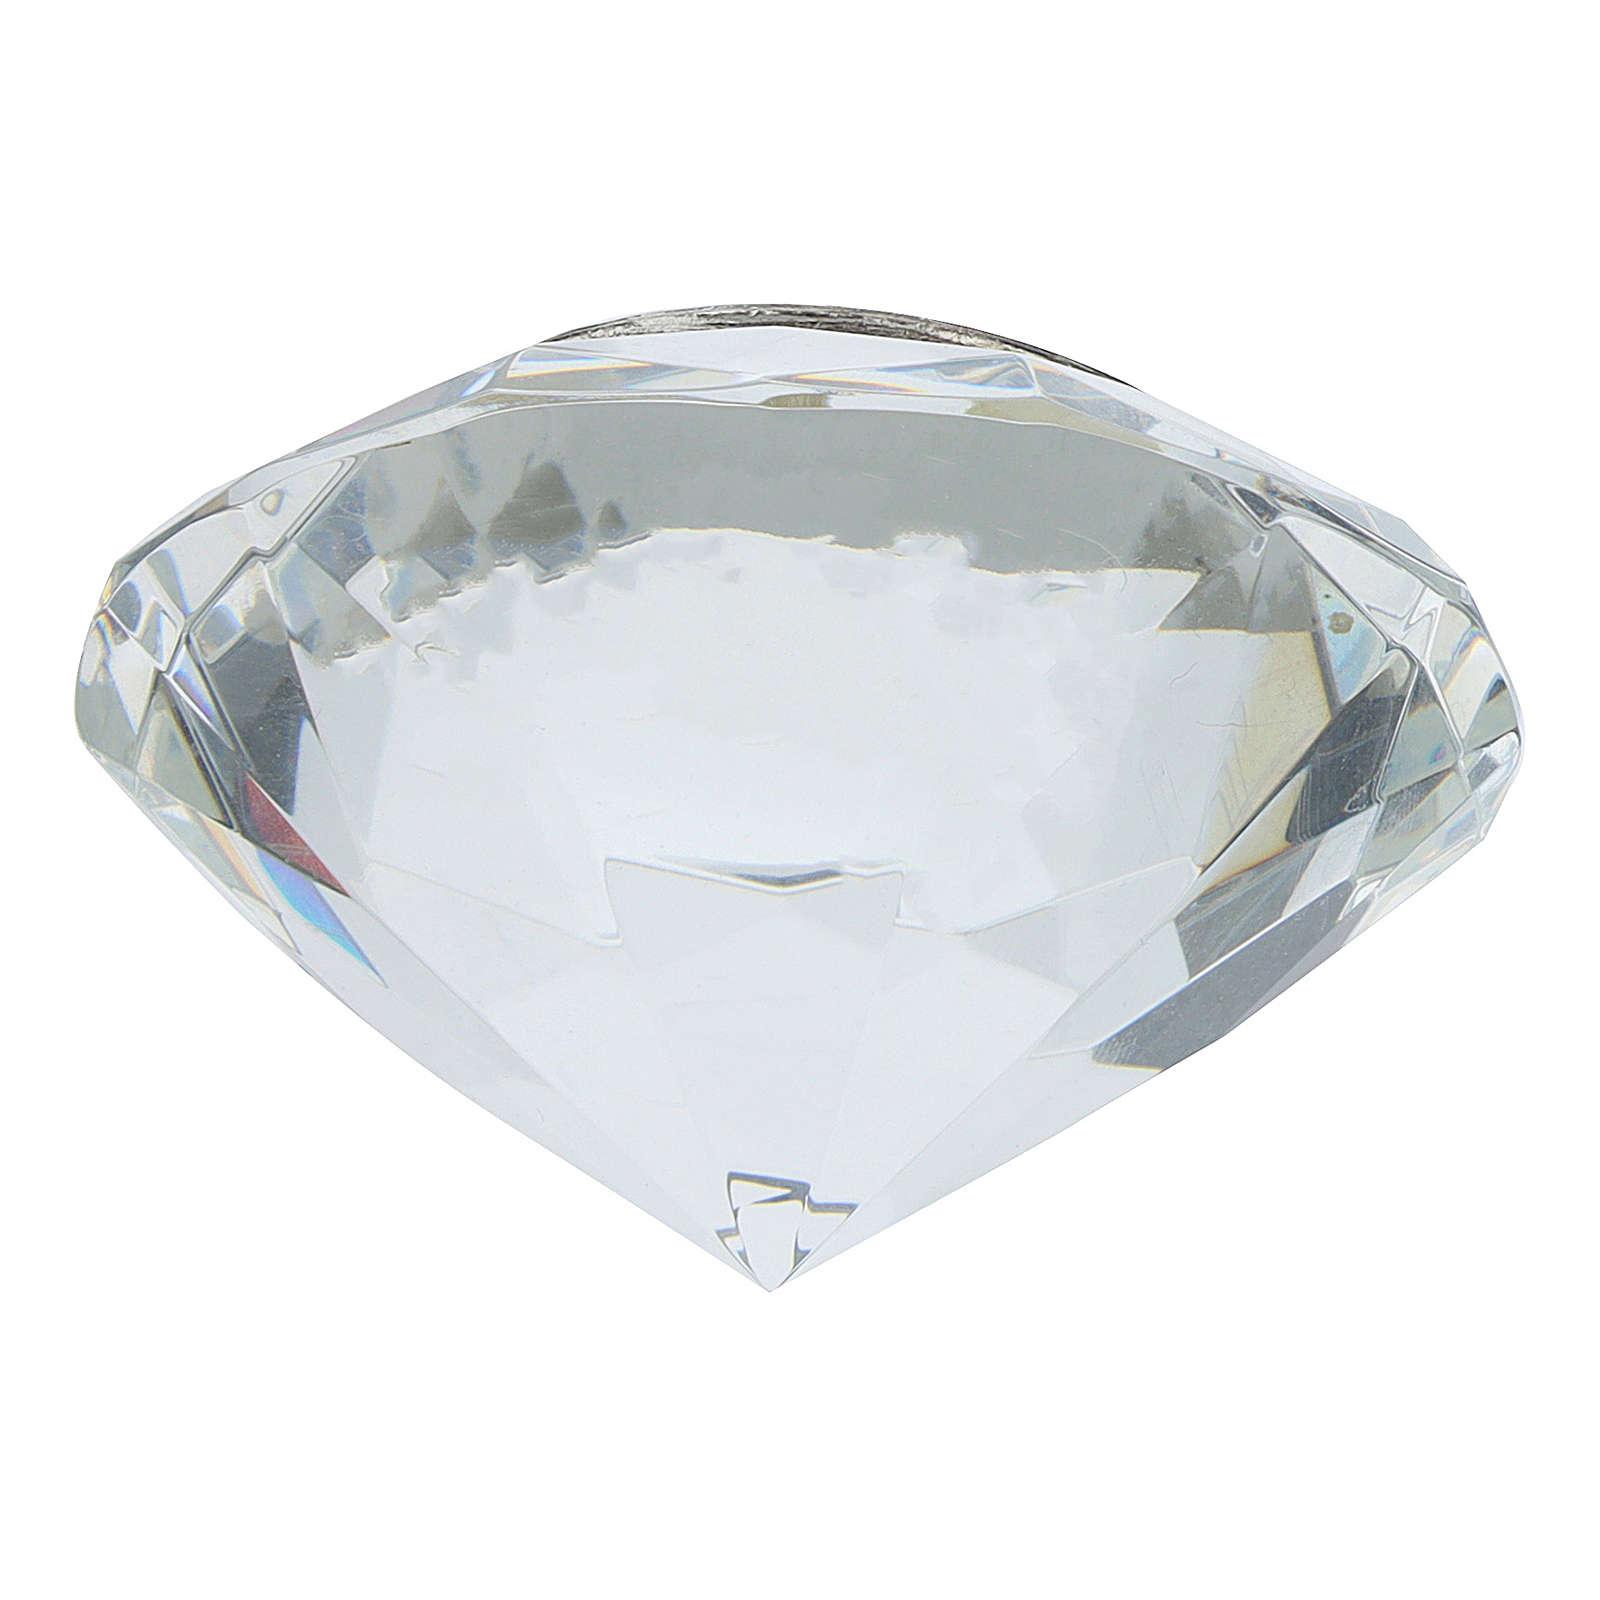 Quadretto cristallo taglio diamante bilaminato JHS 3